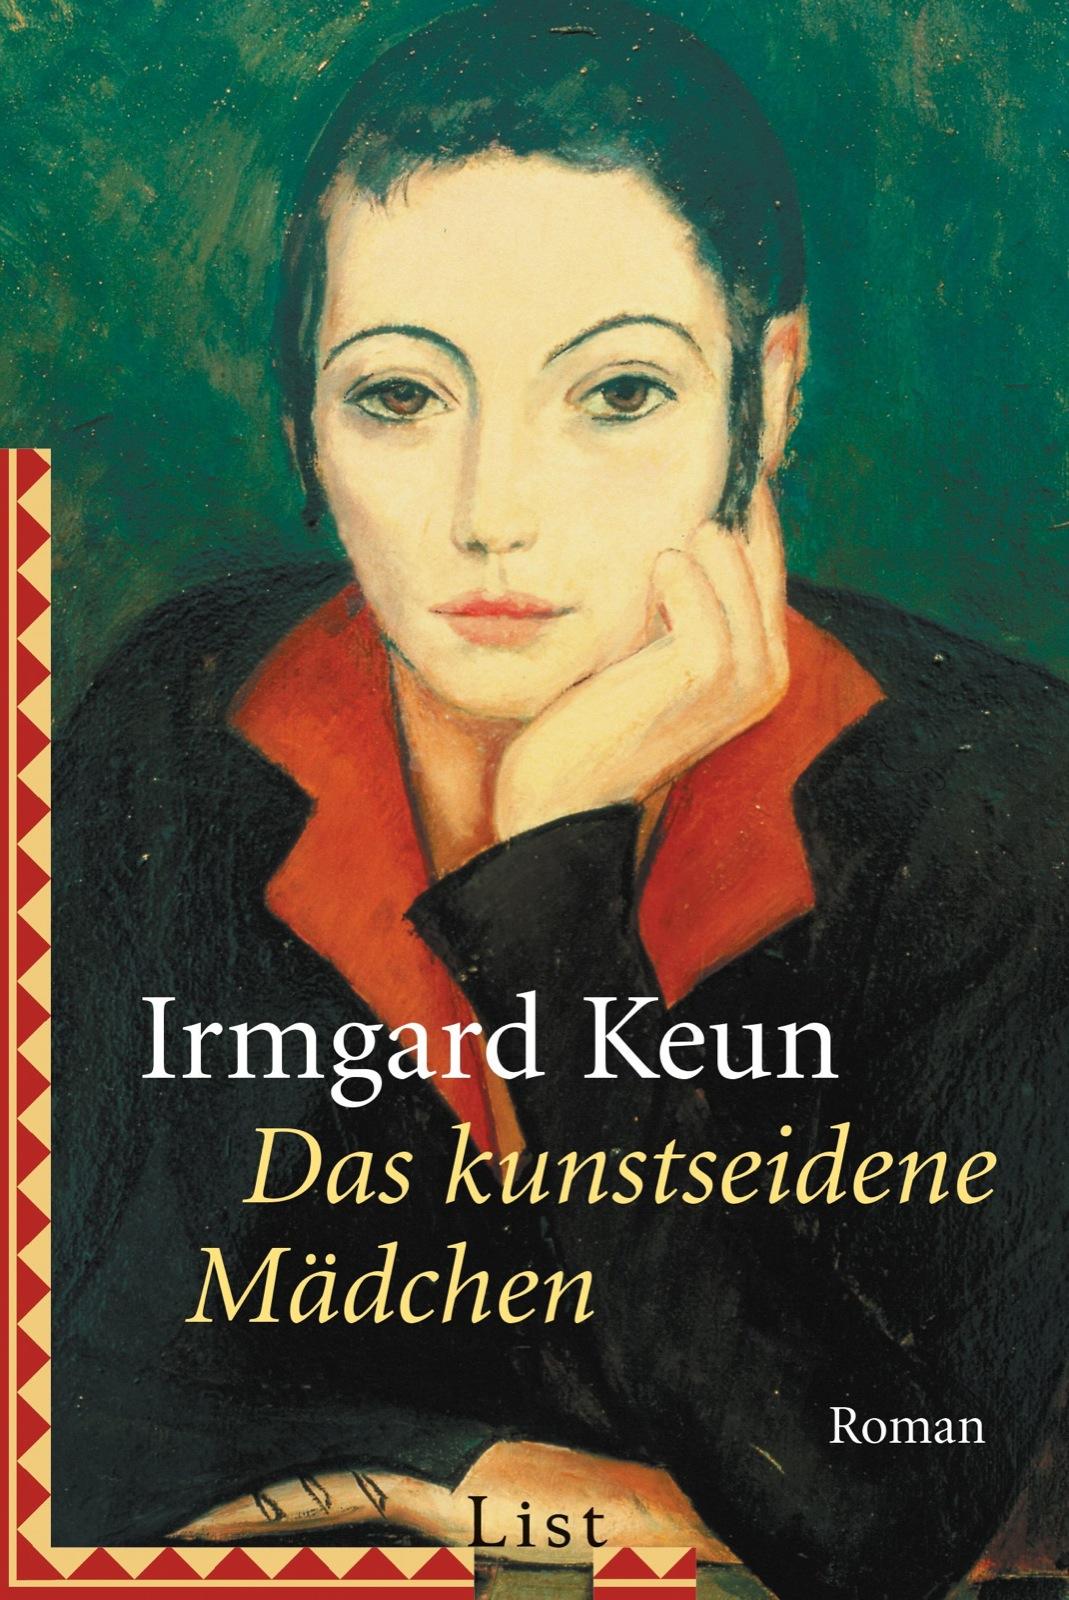 Das kunstseidene Mädchen - Irmgard Keun